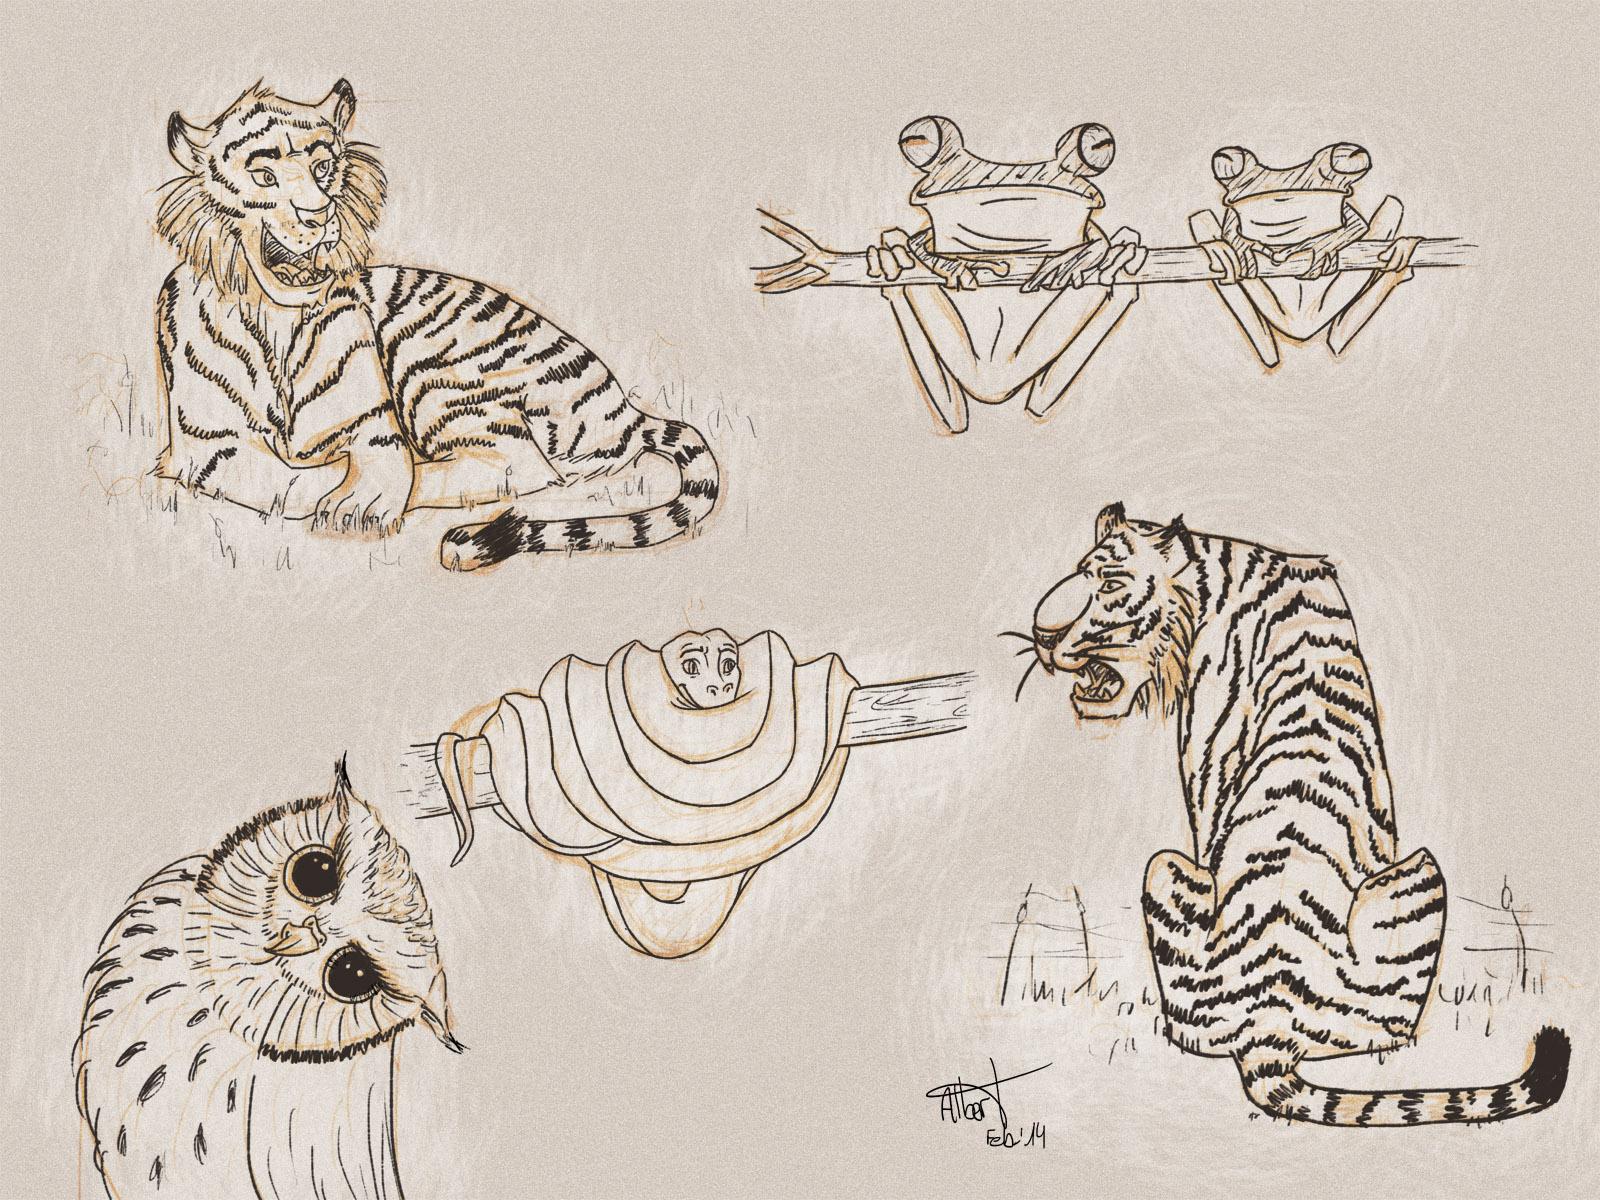 AnimalesVariados - Albert Casado (nfok-e)